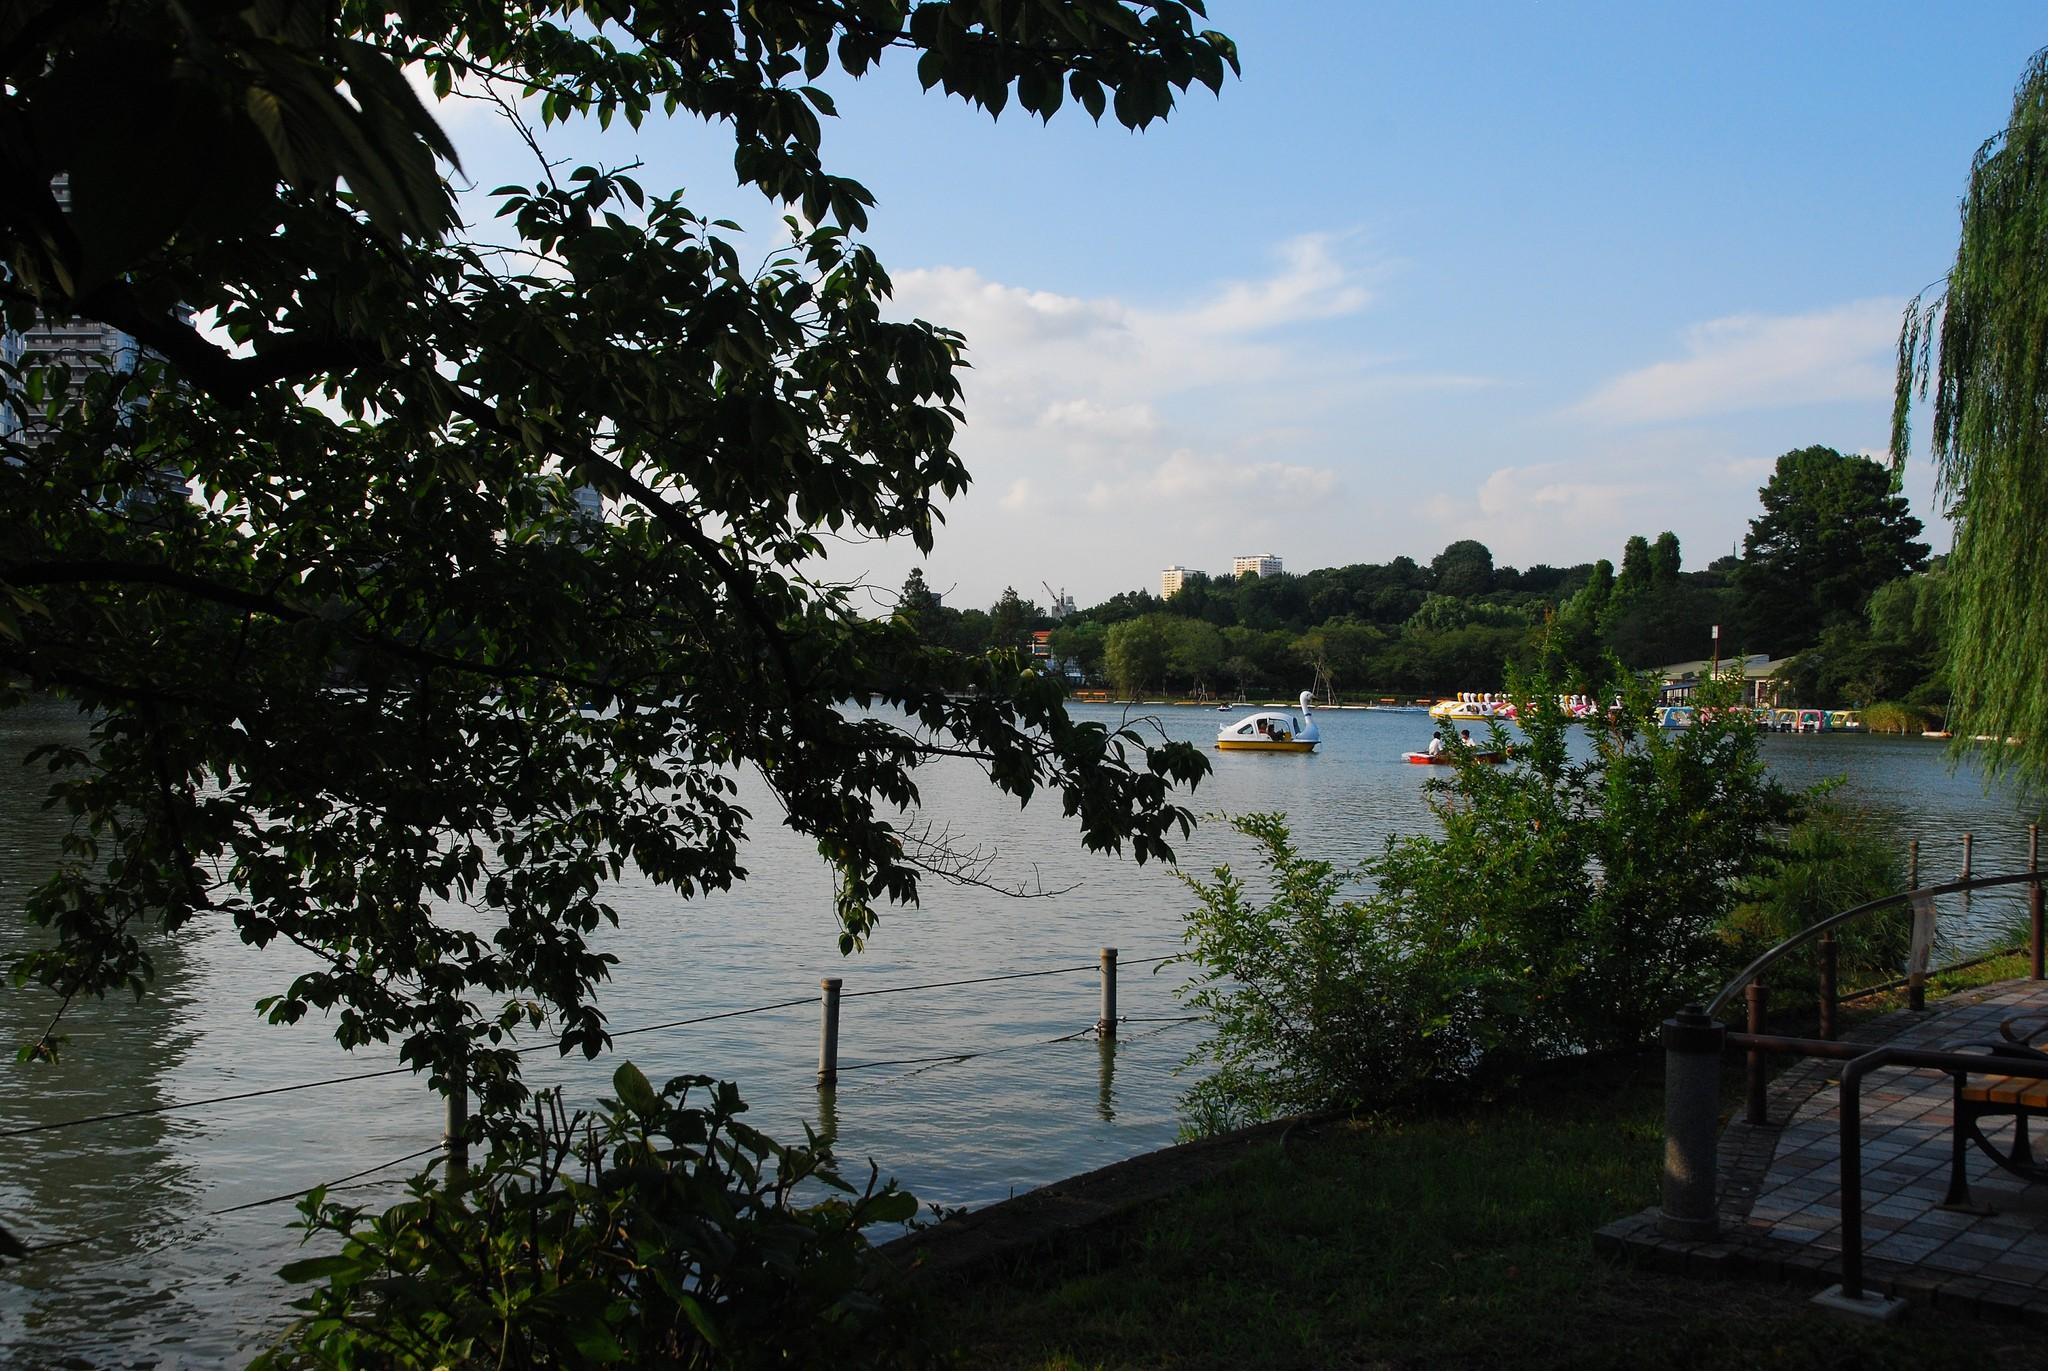 Barcas en el lago del Parque Ueno